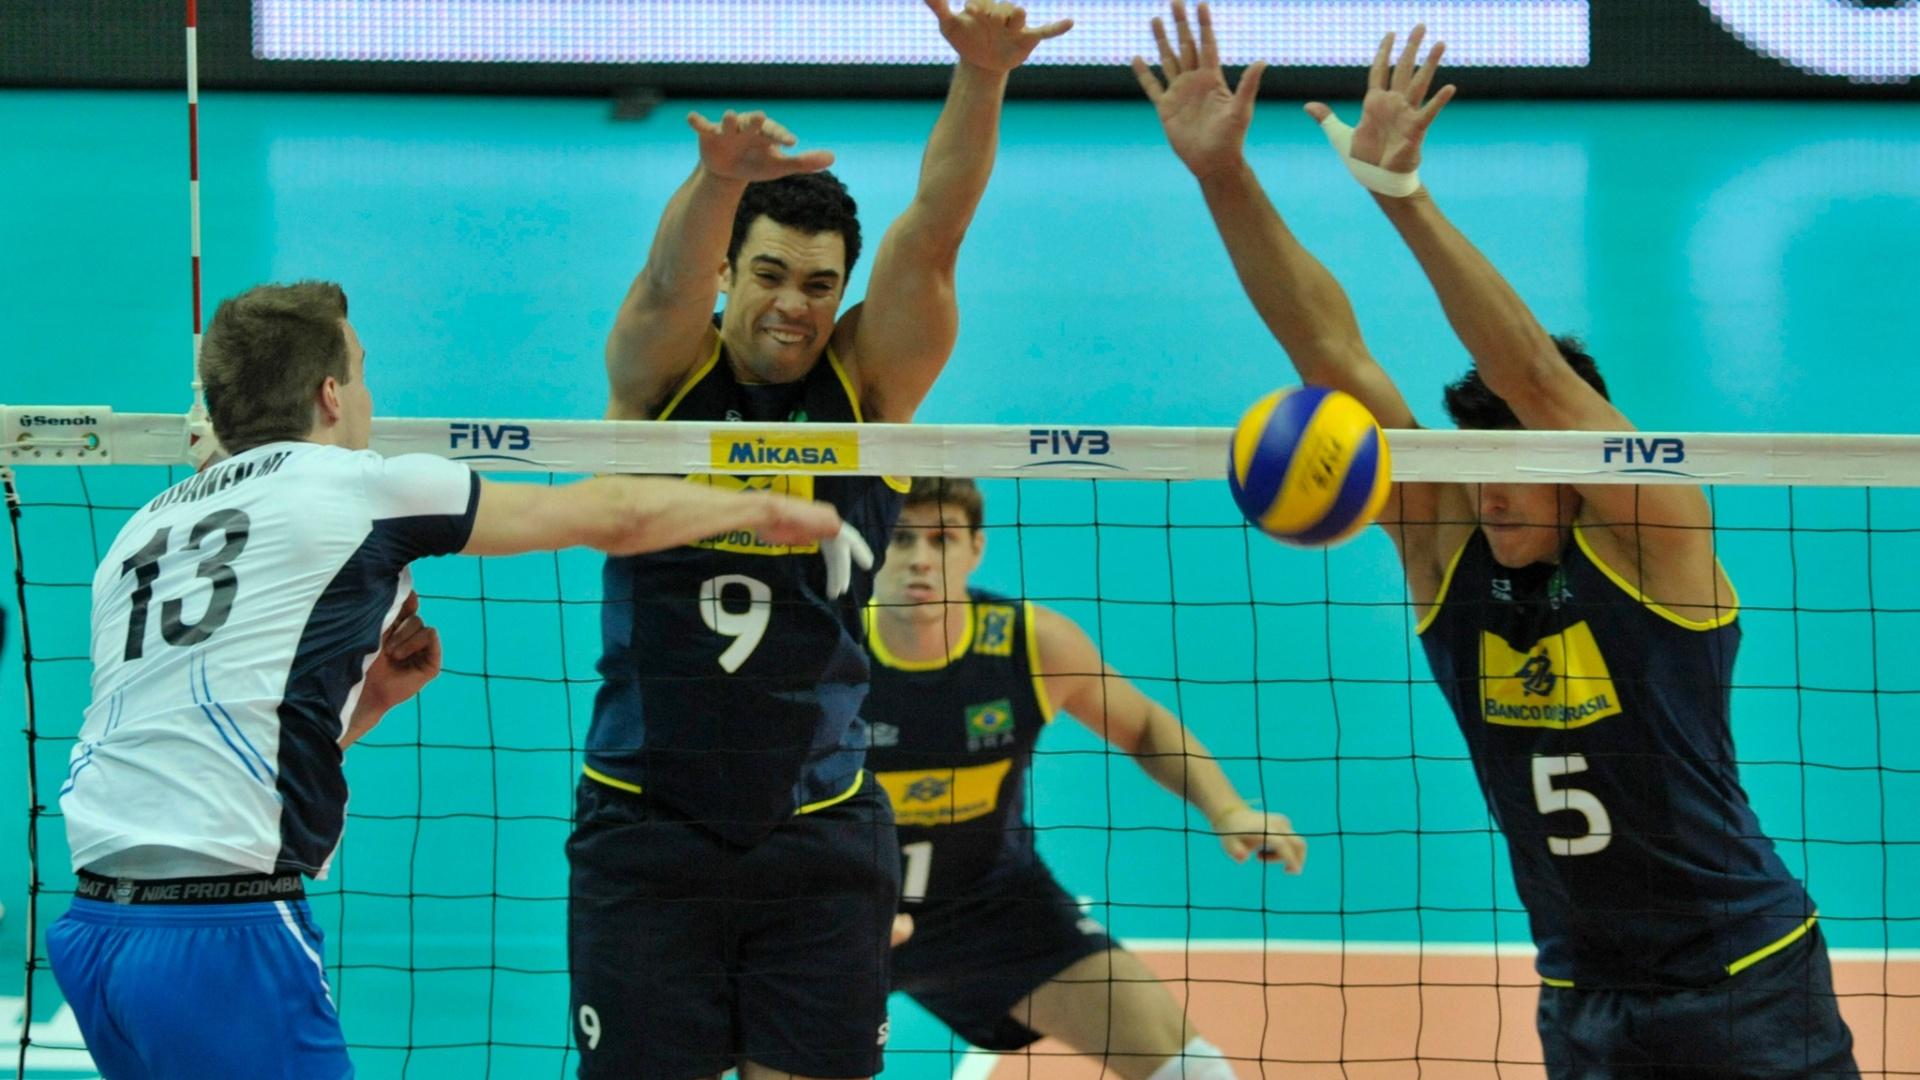 Theo e Sidão bloqueiam o ataque de Mikko Oivanen durante a vitória por 3 sets a 0 do Brasil sobre a Finlândia